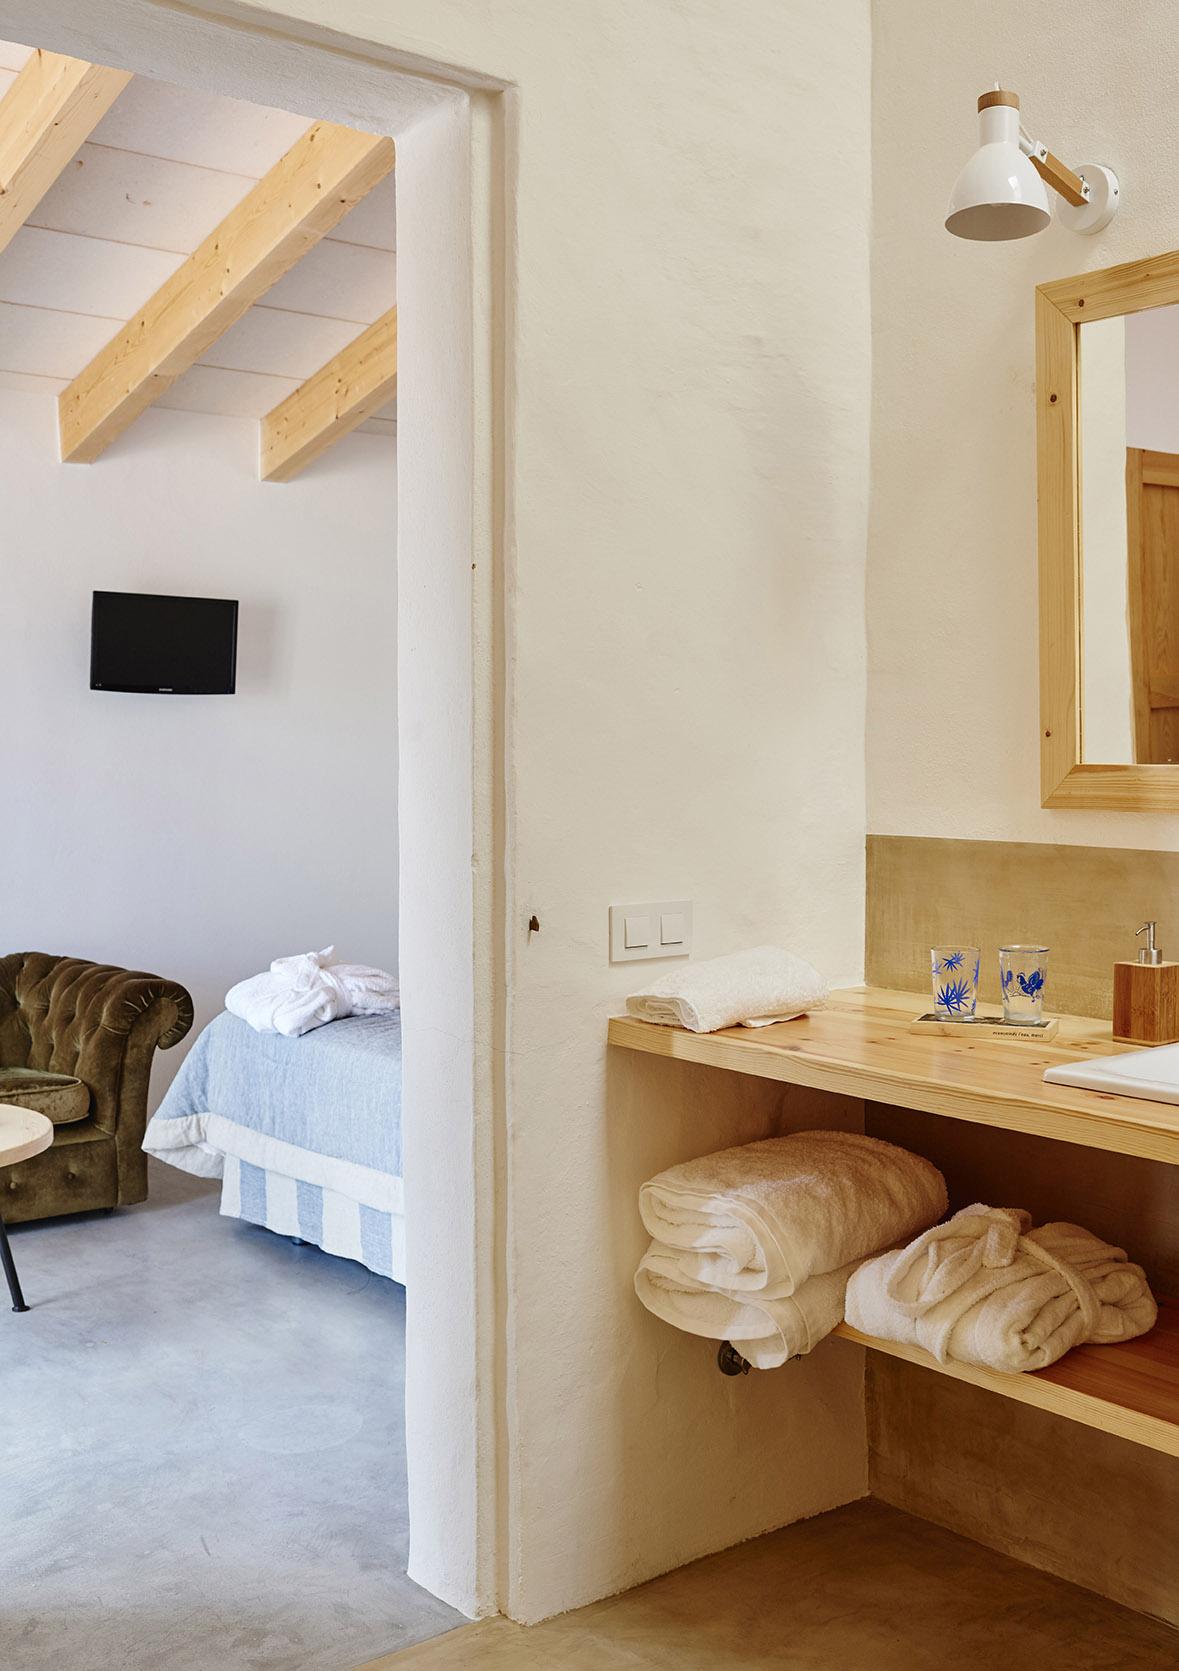 Agroturismo-Menorca-Turmaden-Habitaciones